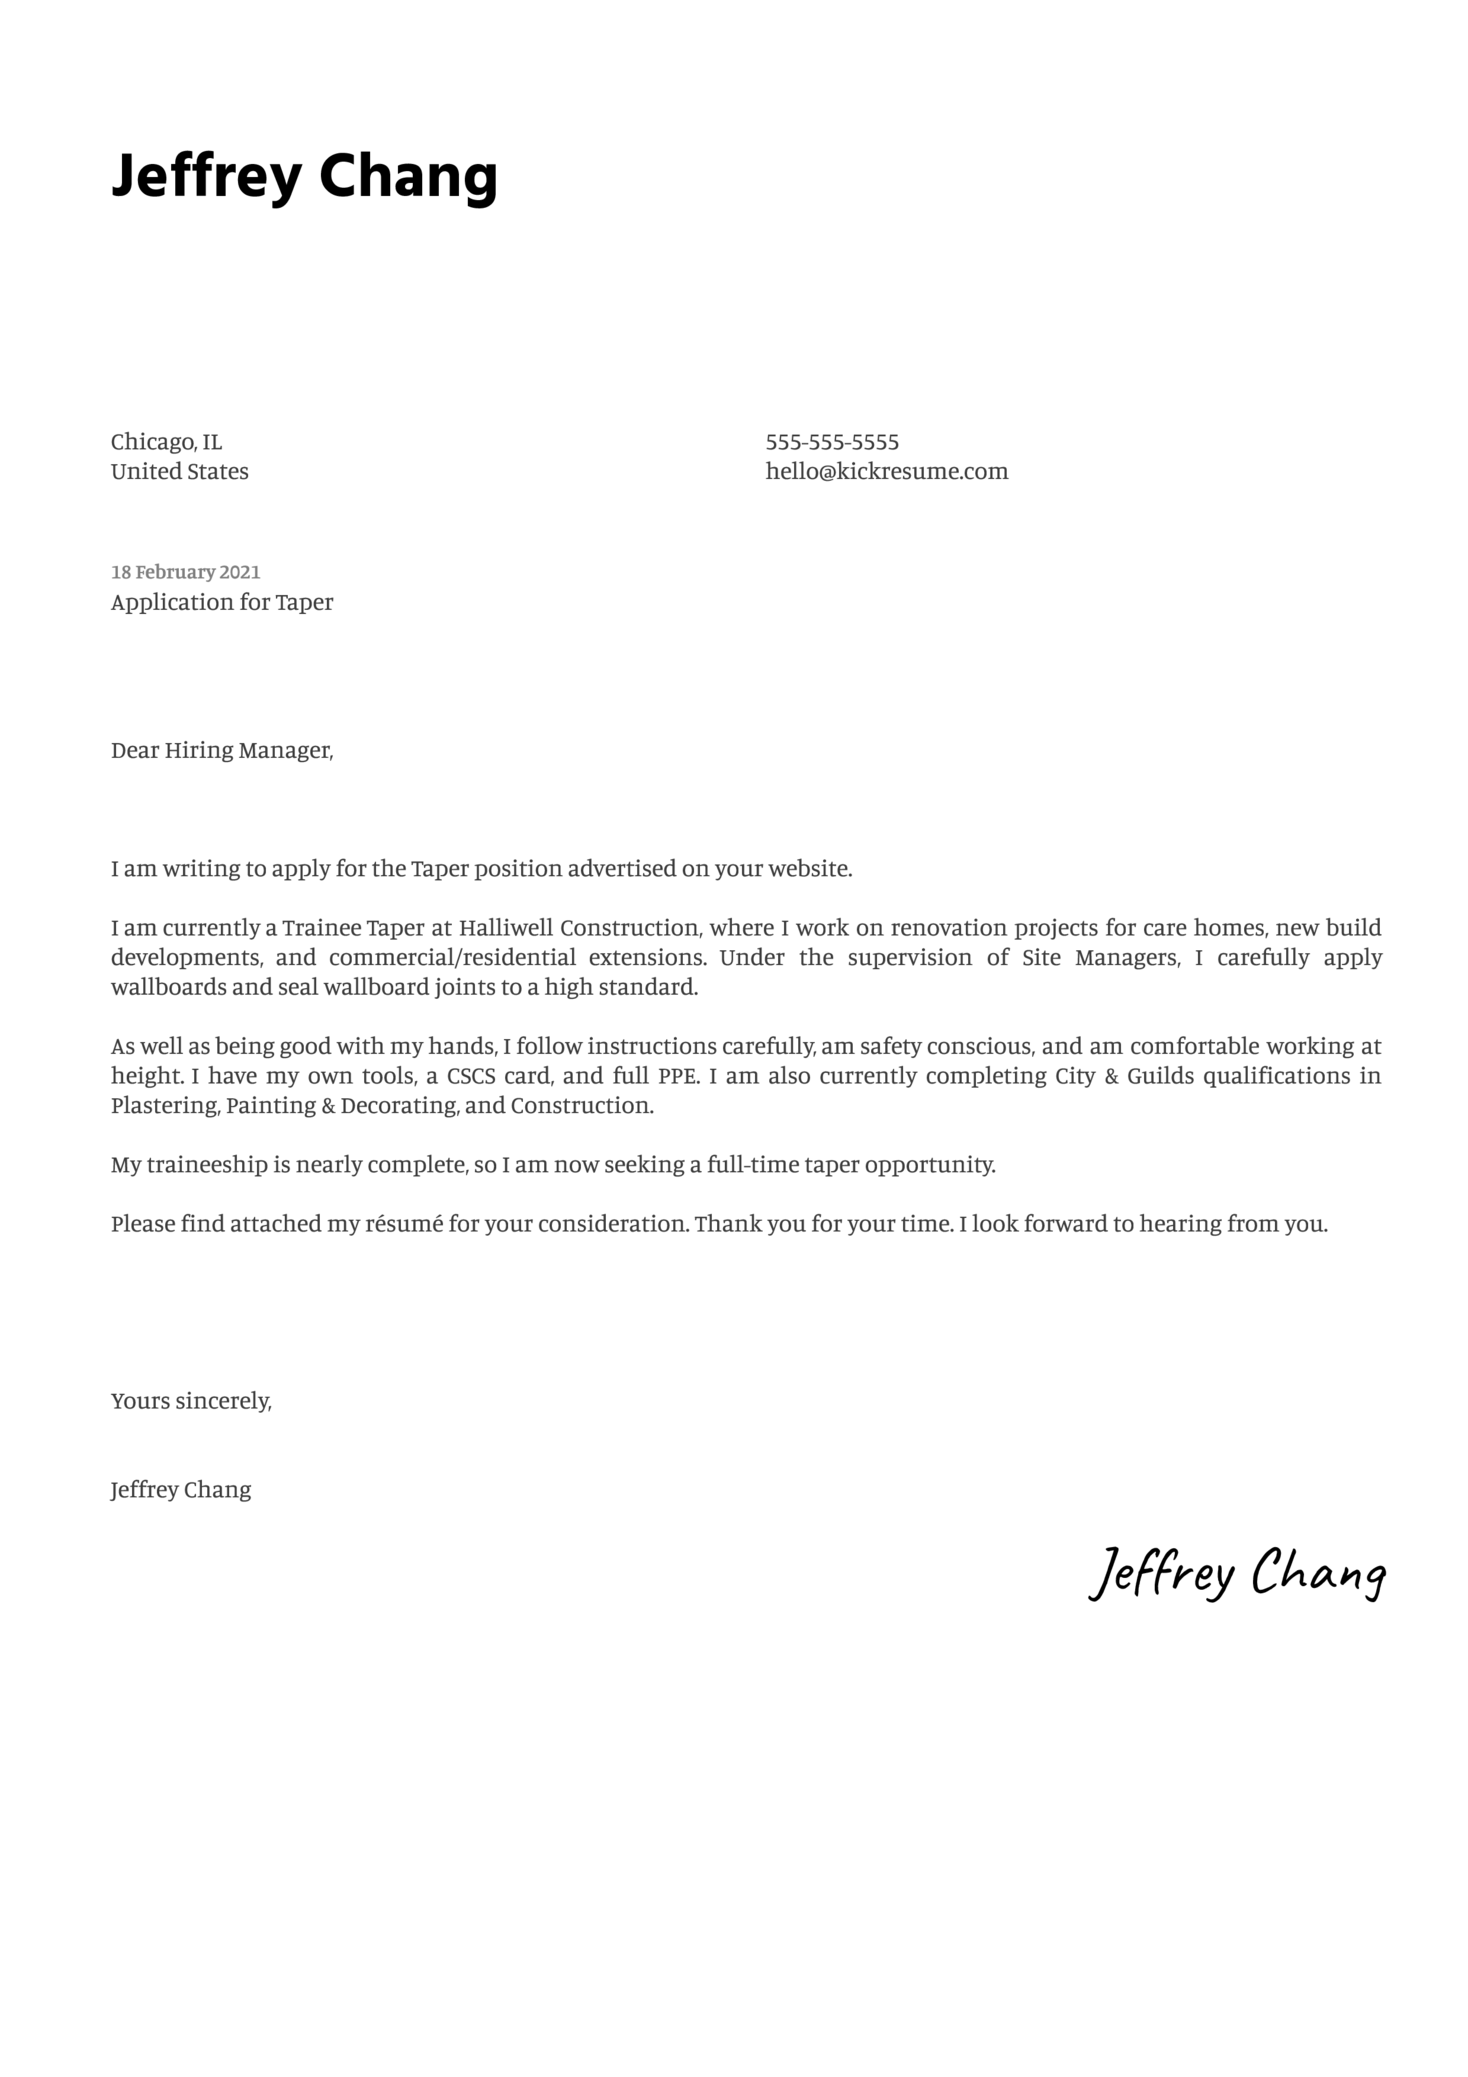 Taper Cover Letter Sample